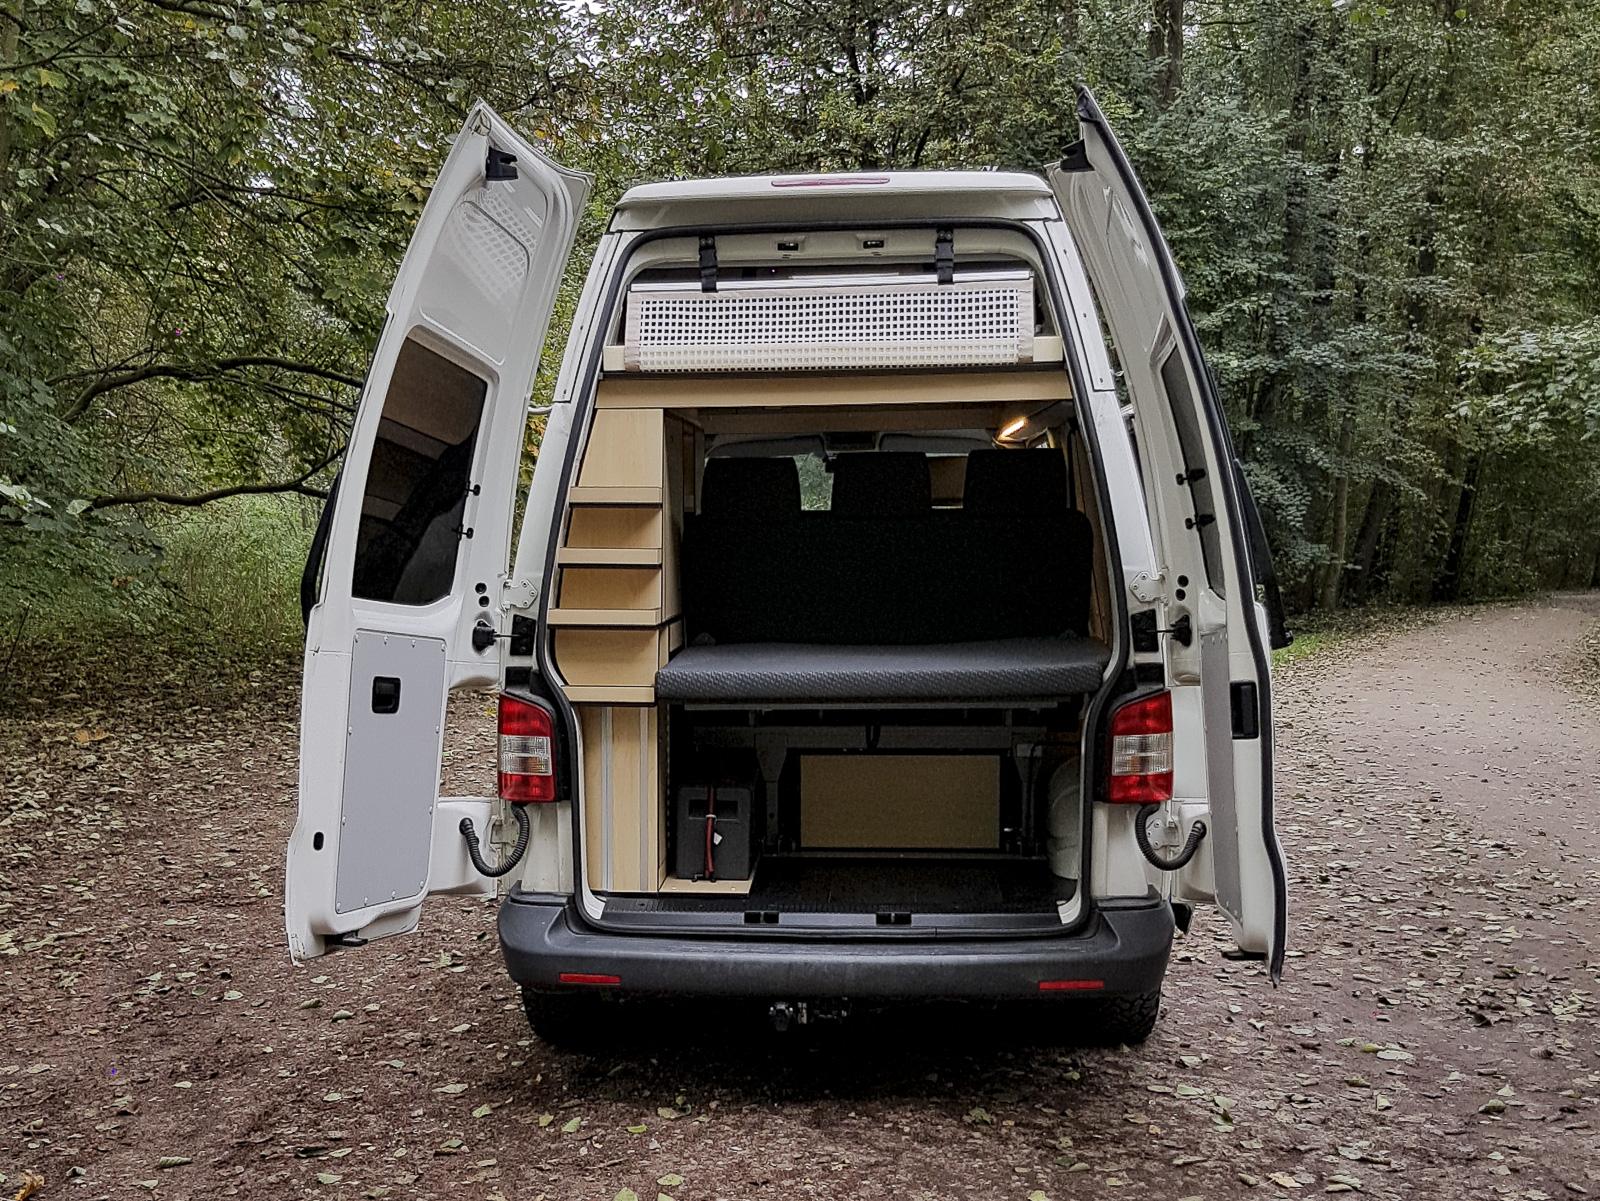 galerie vw t5 offroad premium mit hochdach bs camperwerk. Black Bedroom Furniture Sets. Home Design Ideas